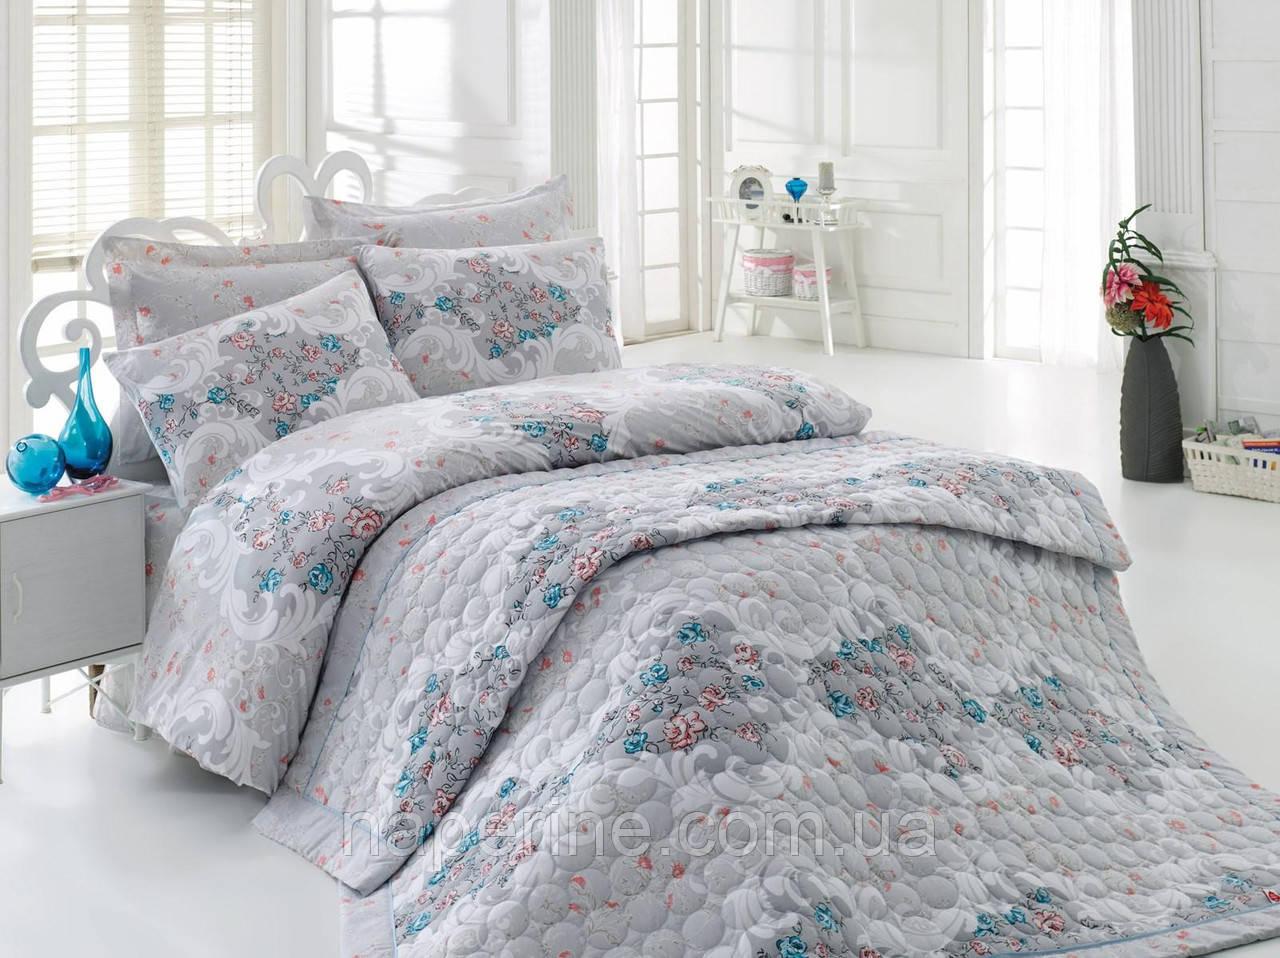 Постельное бельё полуторное  со стёганым летним одеялом Cotton box Marlin